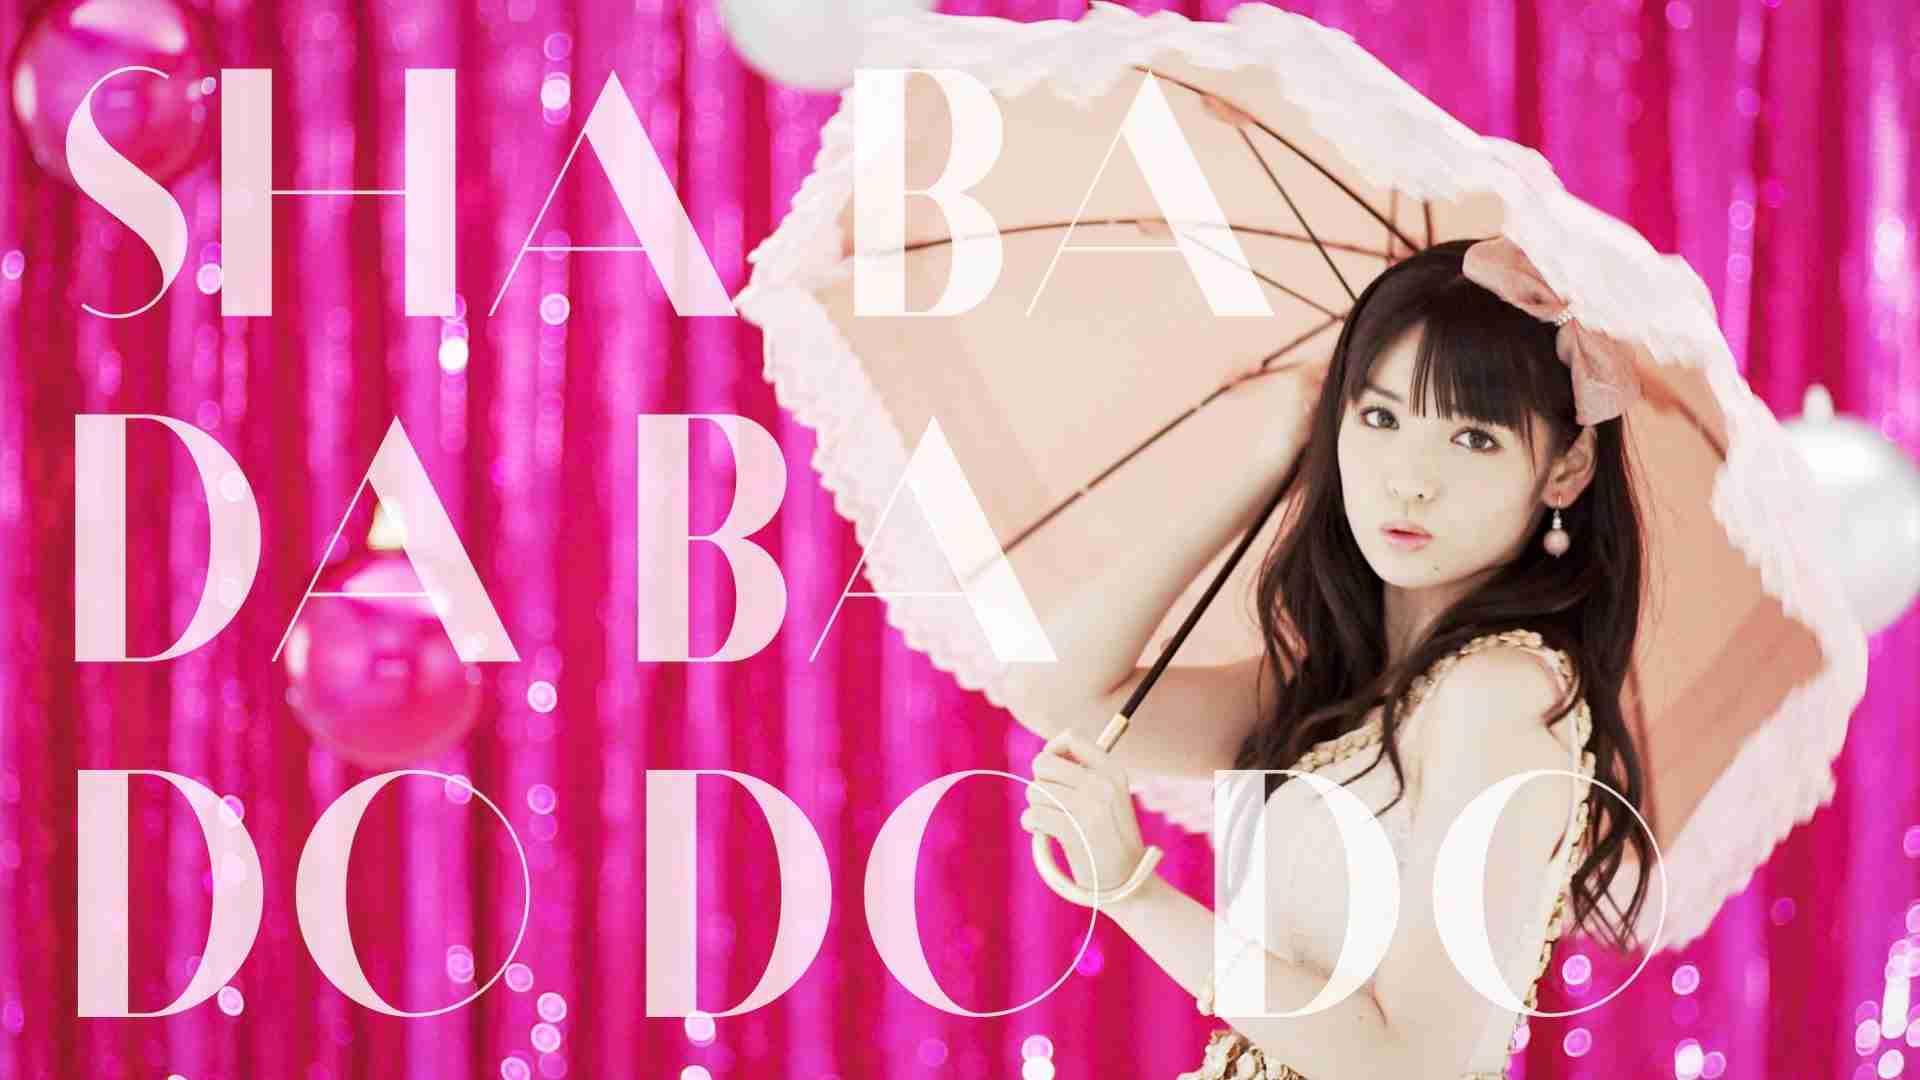 道重さゆみ 『シャバダバ ドゥ~』(Sayumi Michishige[Shaba Daba Do]) (Promotion Ver.) - YouTube